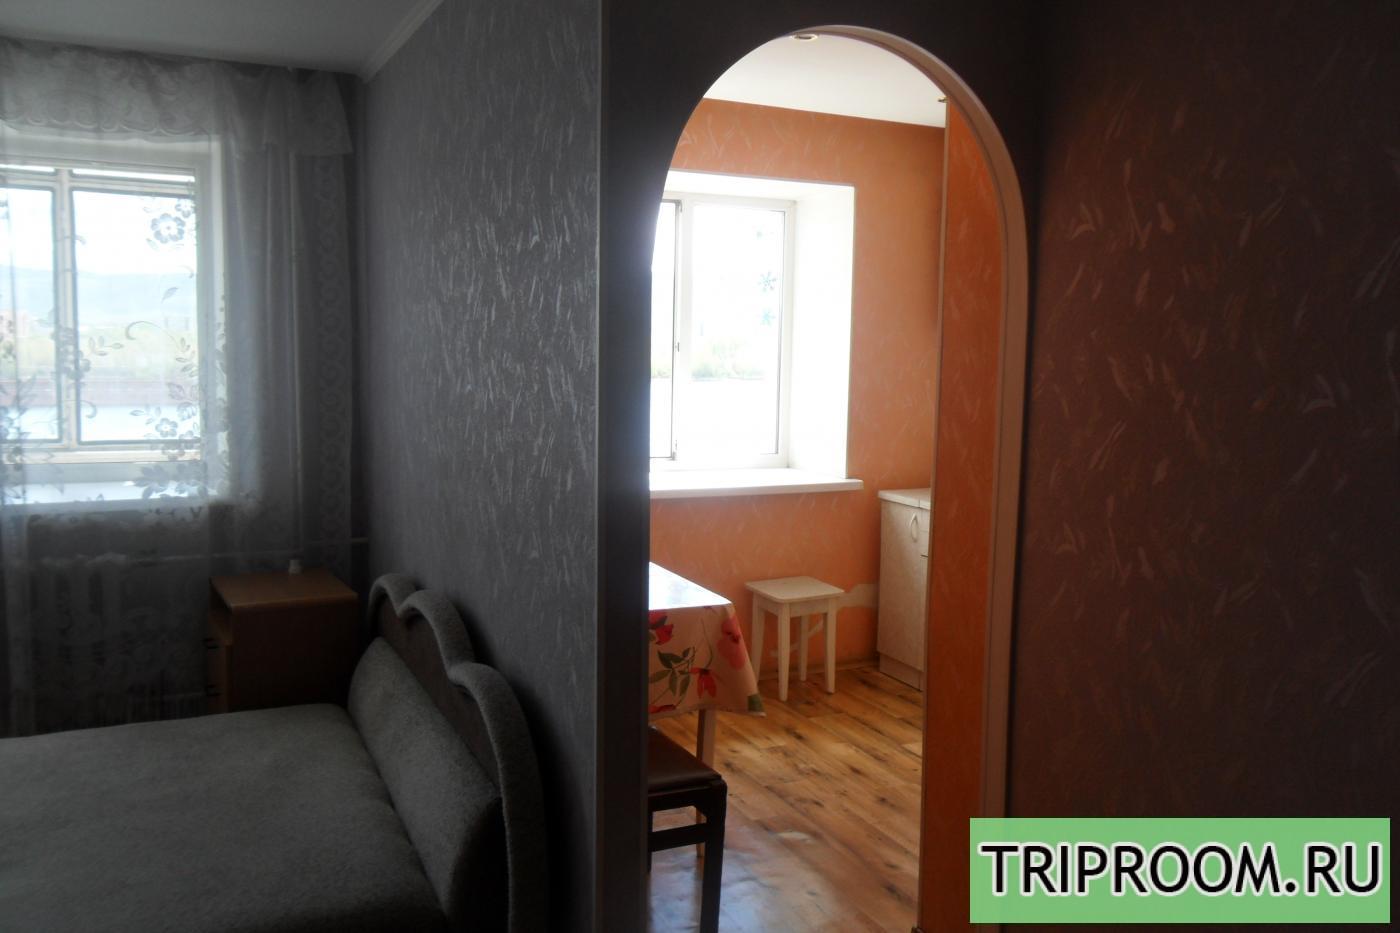 1-комнатная квартира посуточно (вариант № 5892), ул. Дубровинского улица, фото № 1